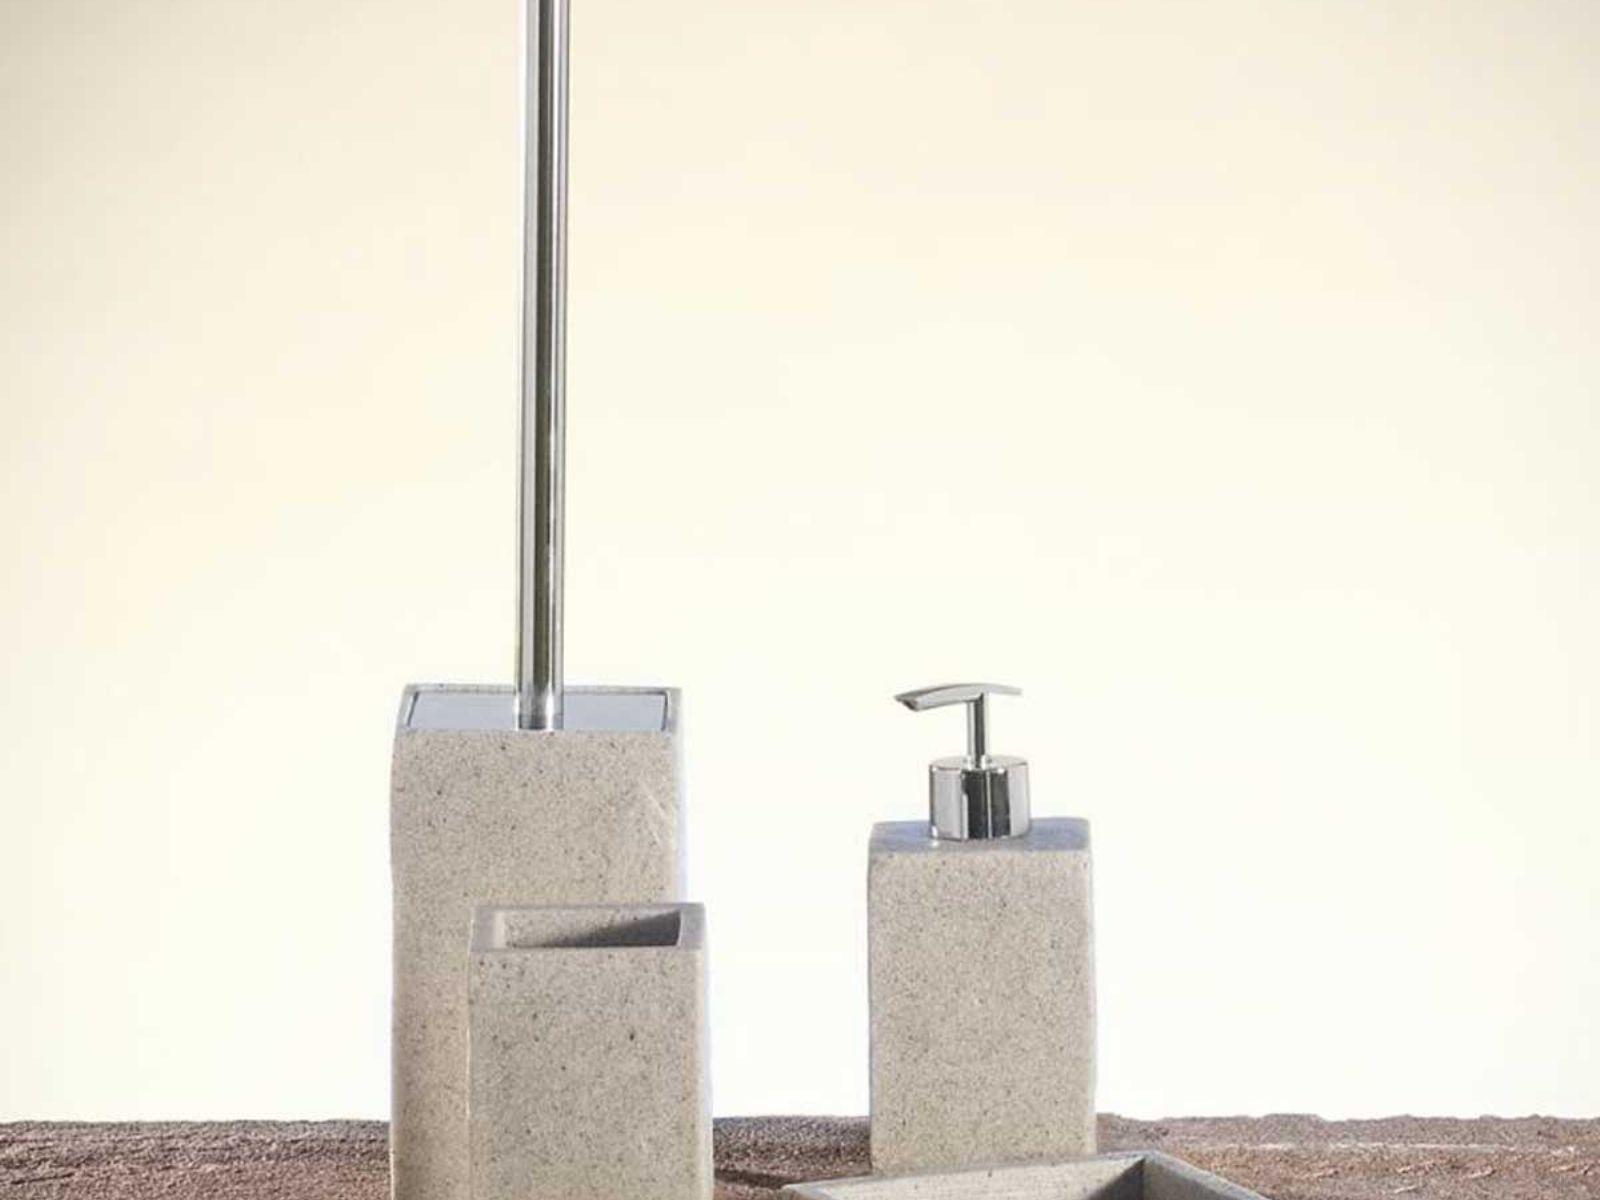 Ispirazioni design terrazza - Accessori bagno prezzi ...